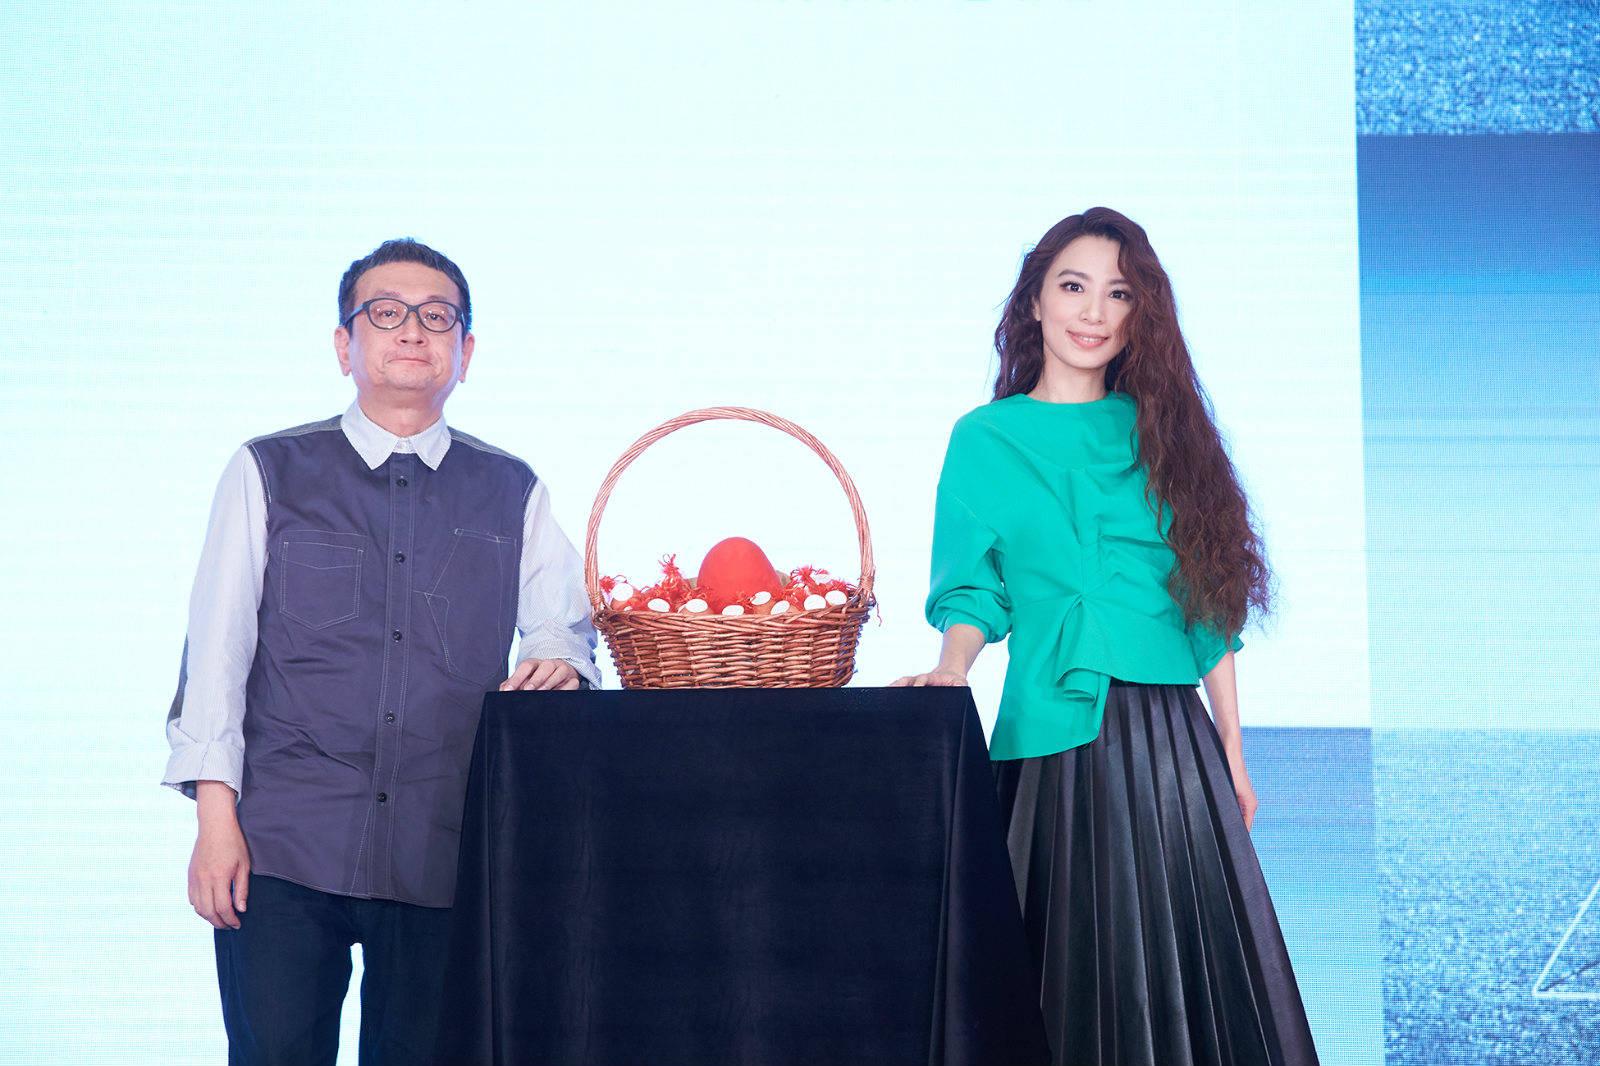 台北首站4连唱完美落幕 田馥甄演唱会庆功宴暨发片记者会顺利举办